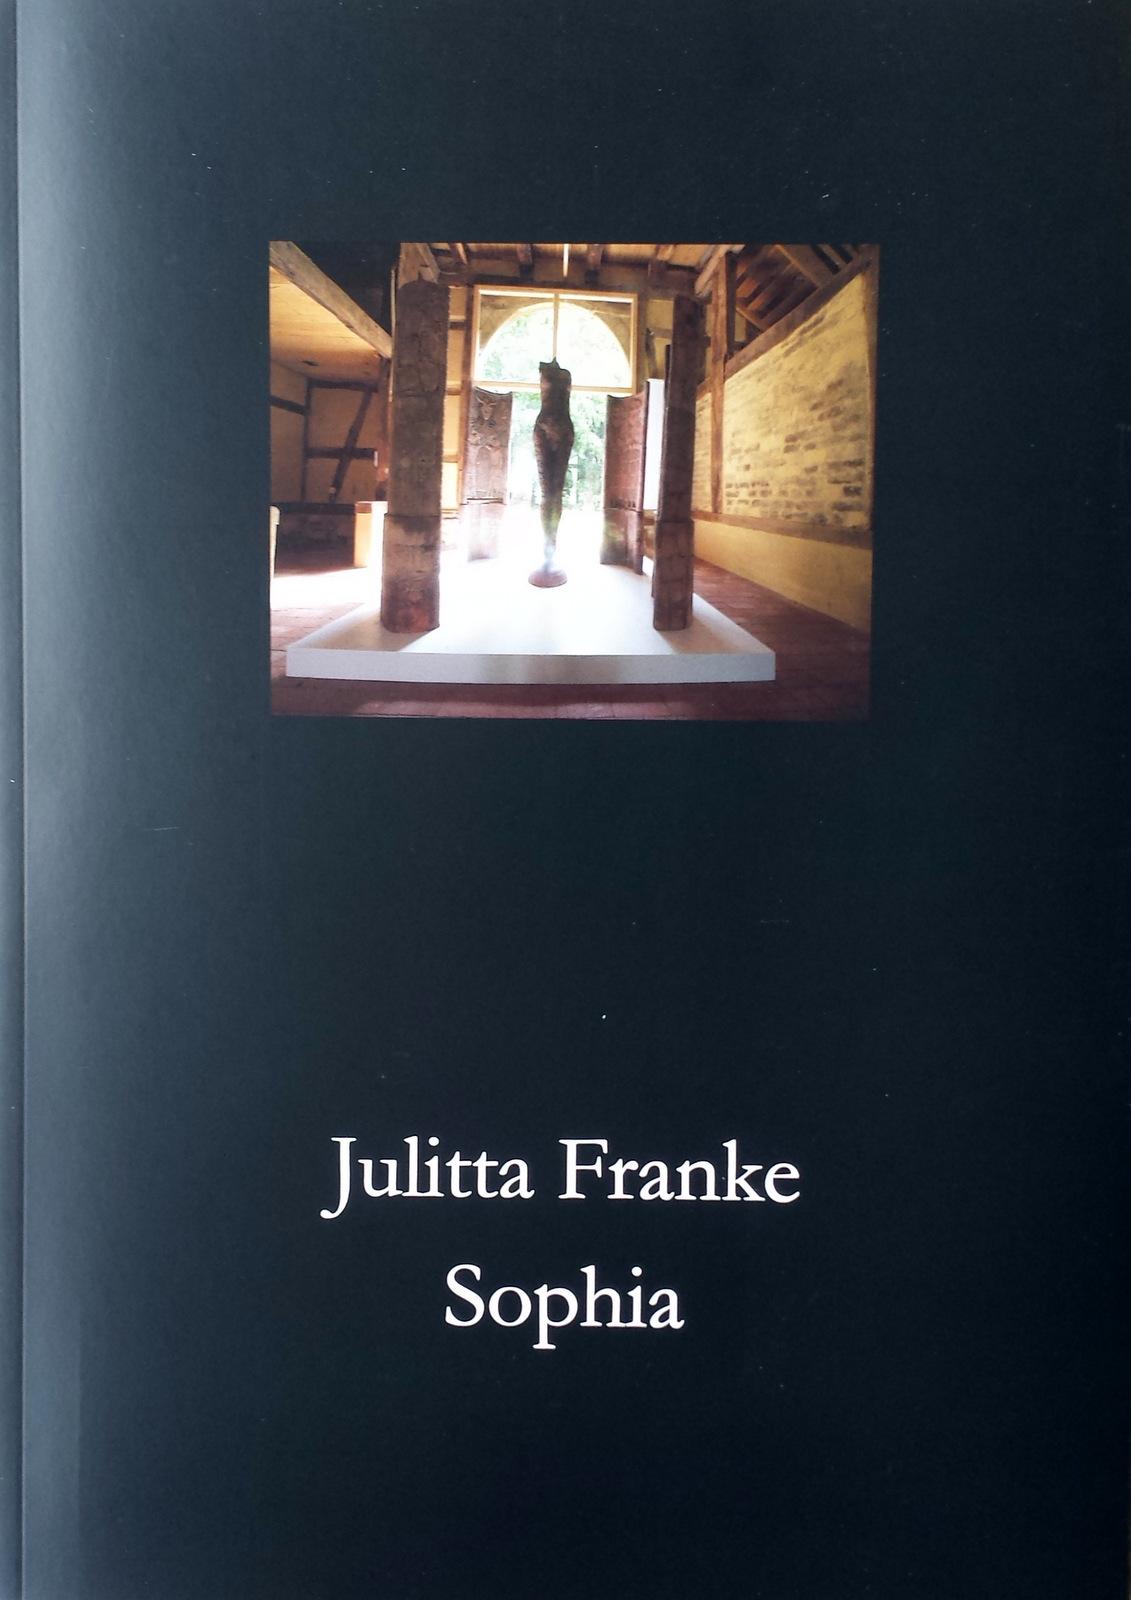 Broschüre Julitta Franke Sophia